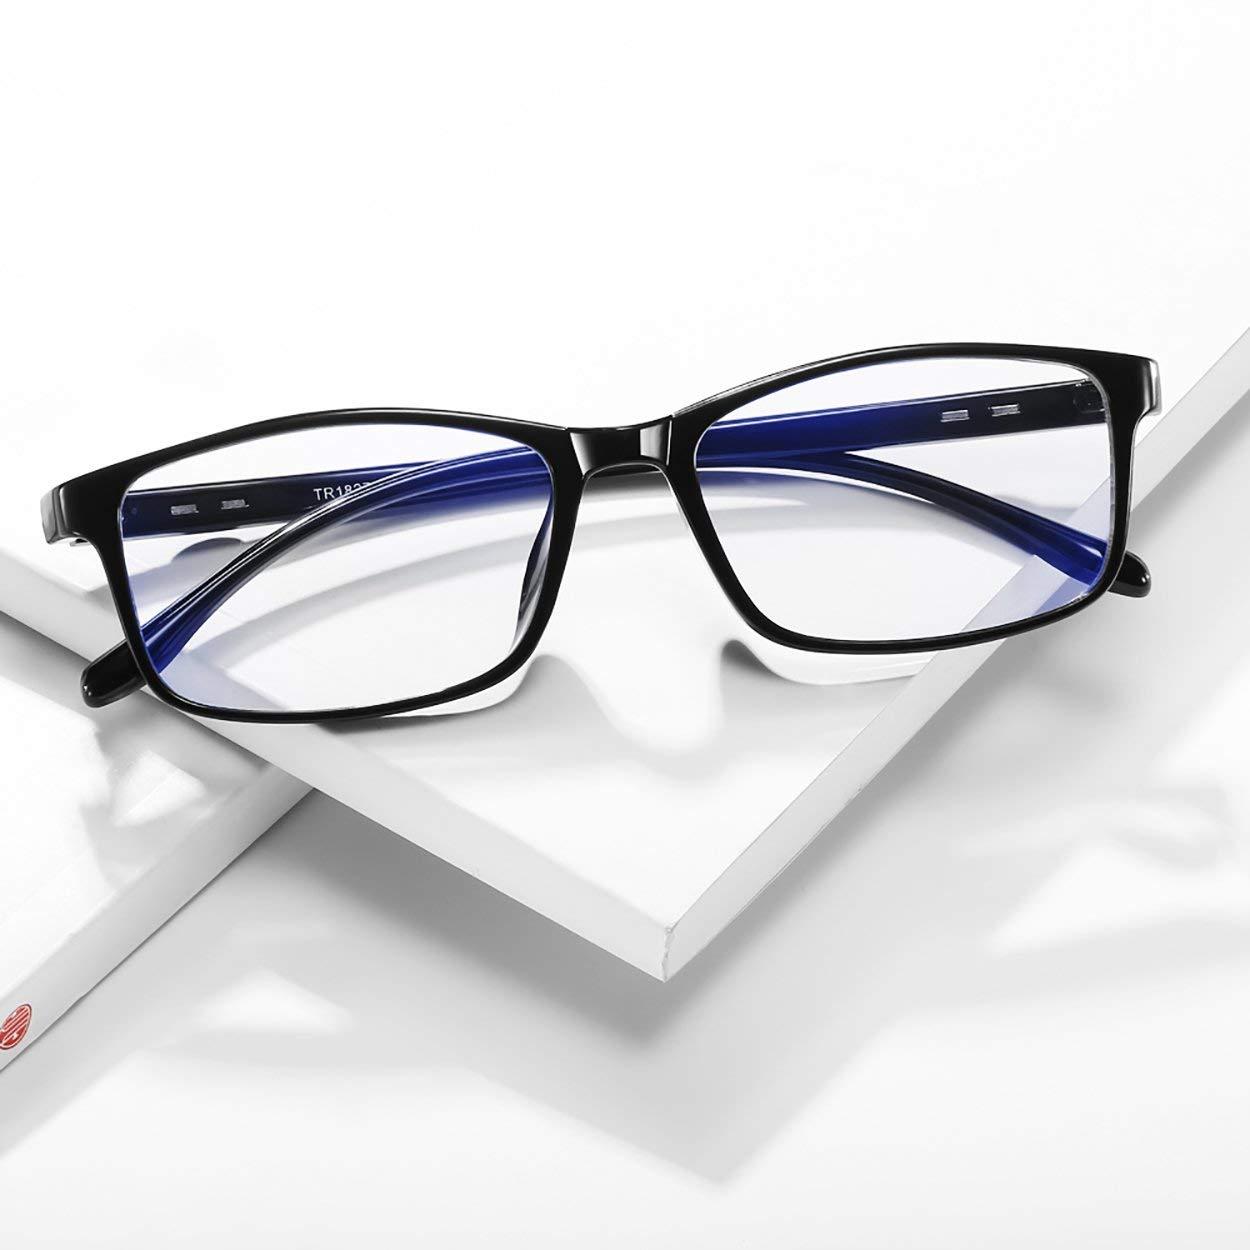 UBUJI Blaulichtblockierende Brille für Damen und Herren: Amazon.de: Elektronik